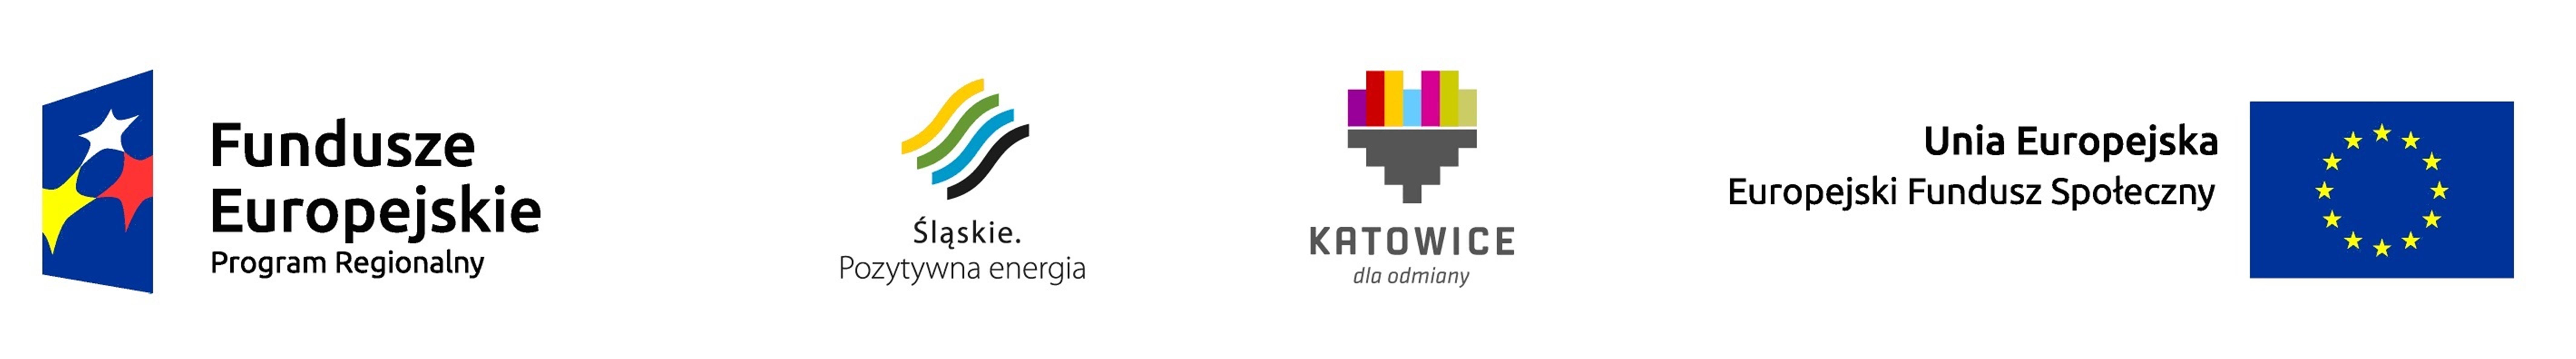 Kształcenie nowoczesnych absolwentów w Zespole Szkół Poligraficzno – Mechanicznych w Katowicach